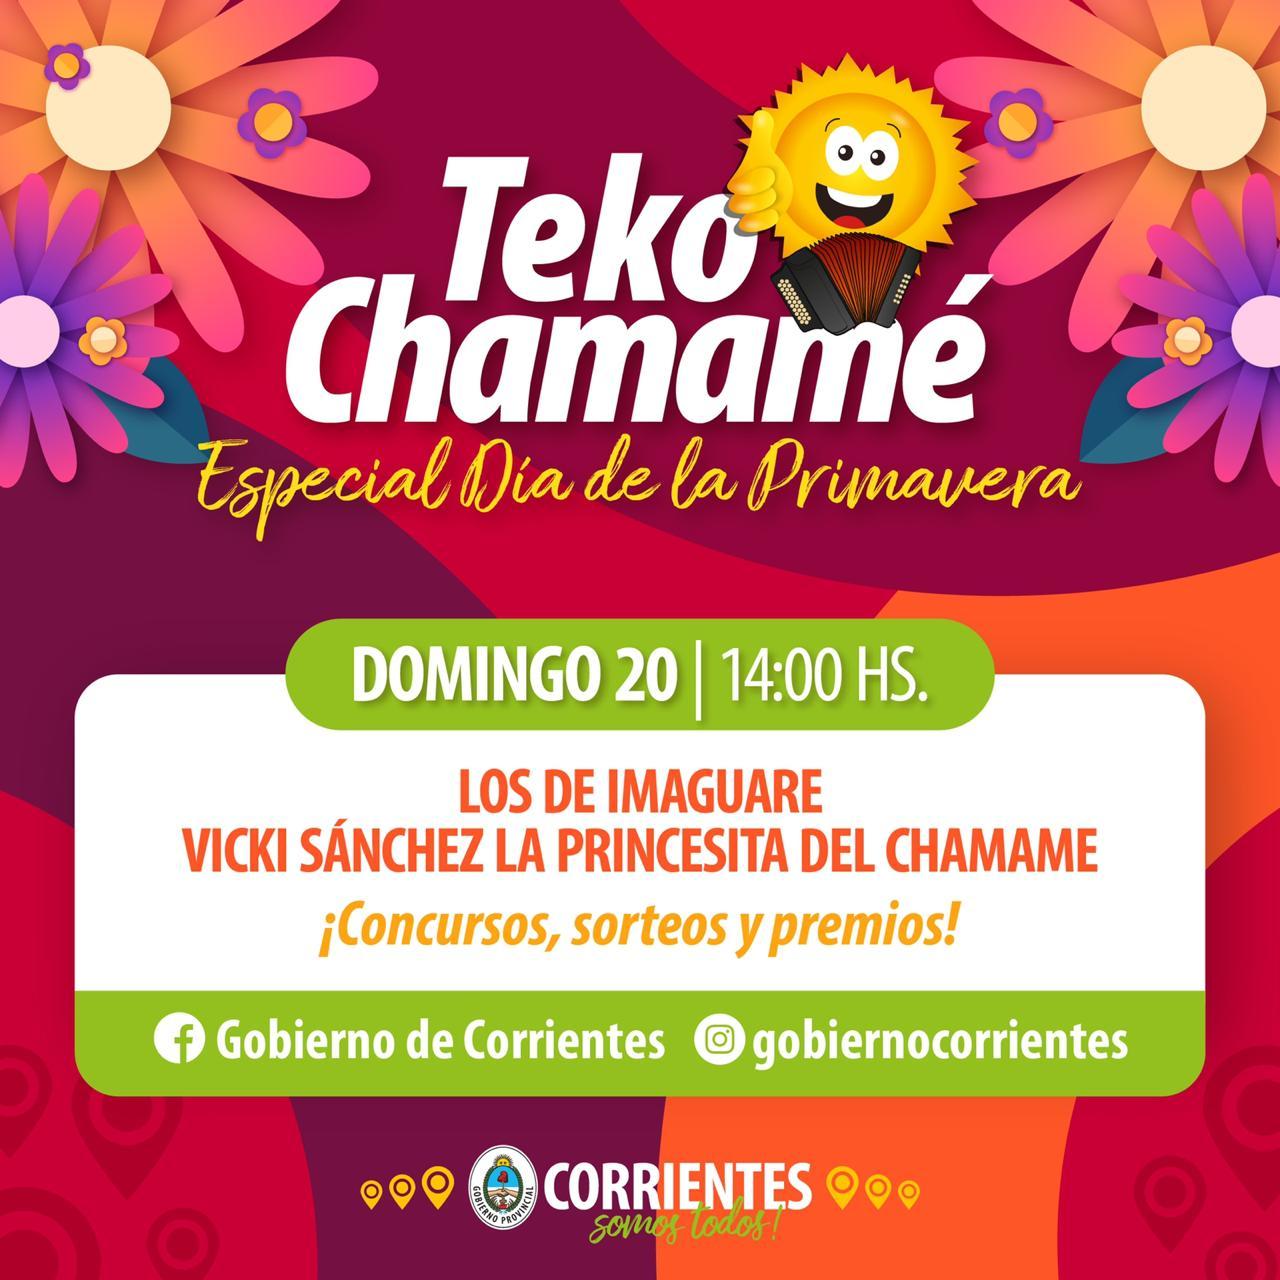 Música, premios y sorpresas nuevamente a través de Teko Chamamé